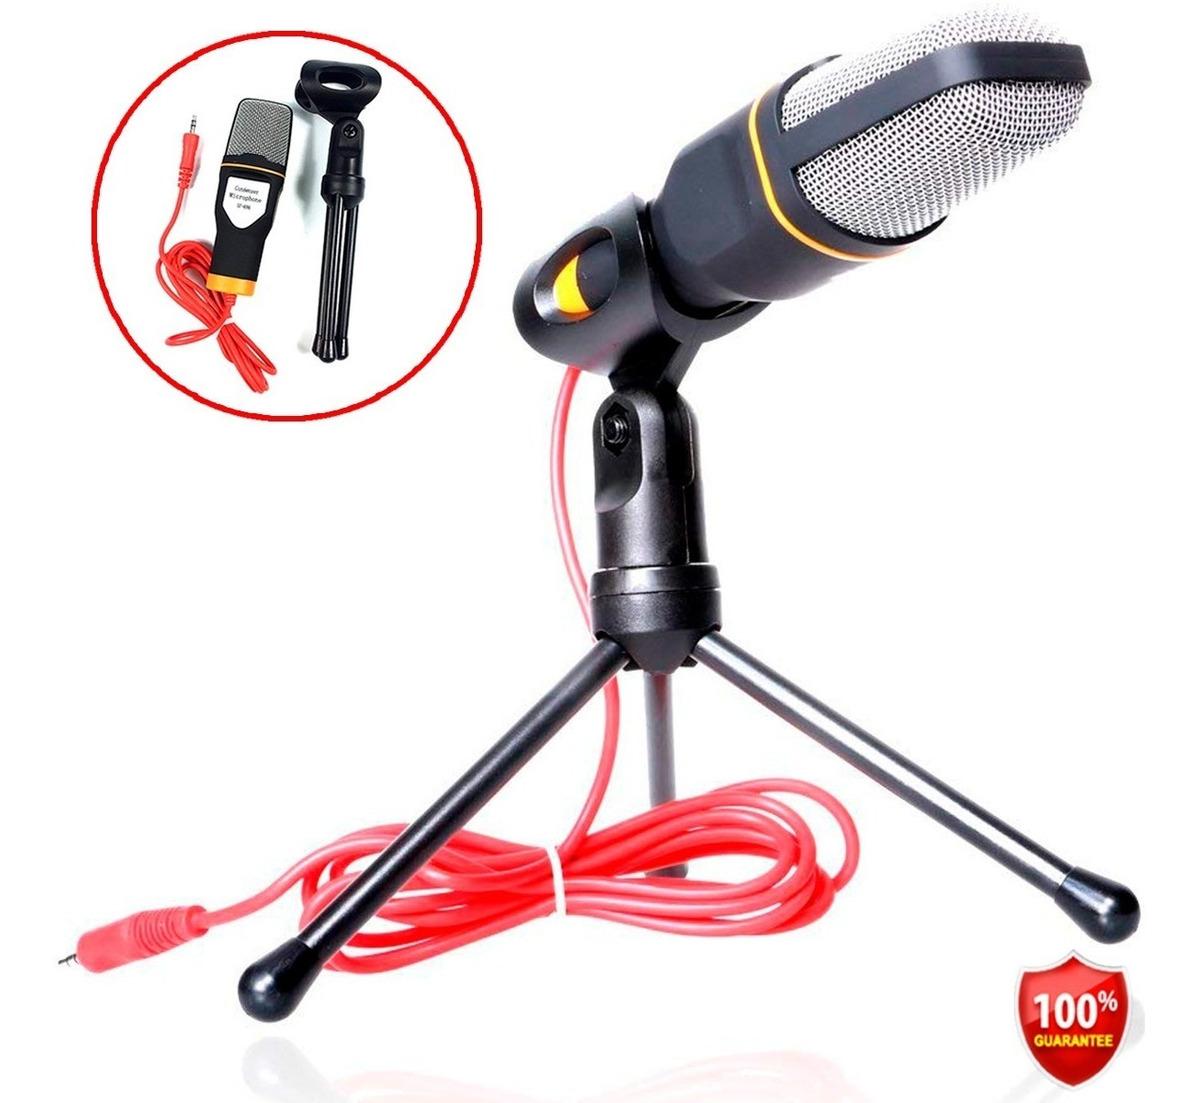 Micrófono Condensador +Trípode Para Pc, Laptop, Celular.